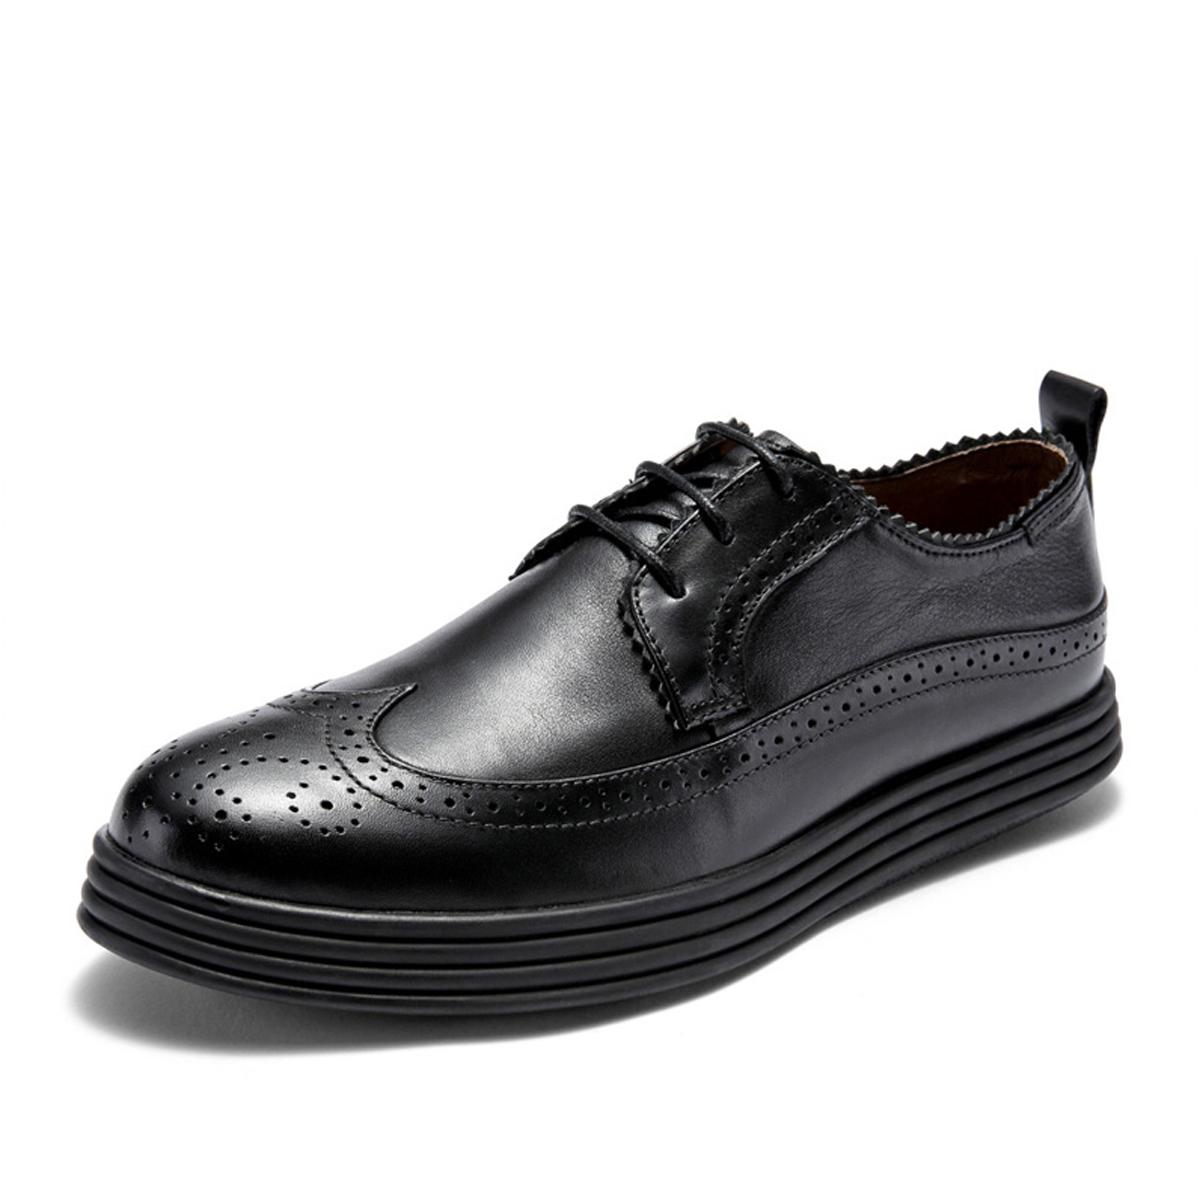 维界布洛克男鞋英伦风真皮雕花商务休闲小皮鞋男韩版潮流鞋子黑色